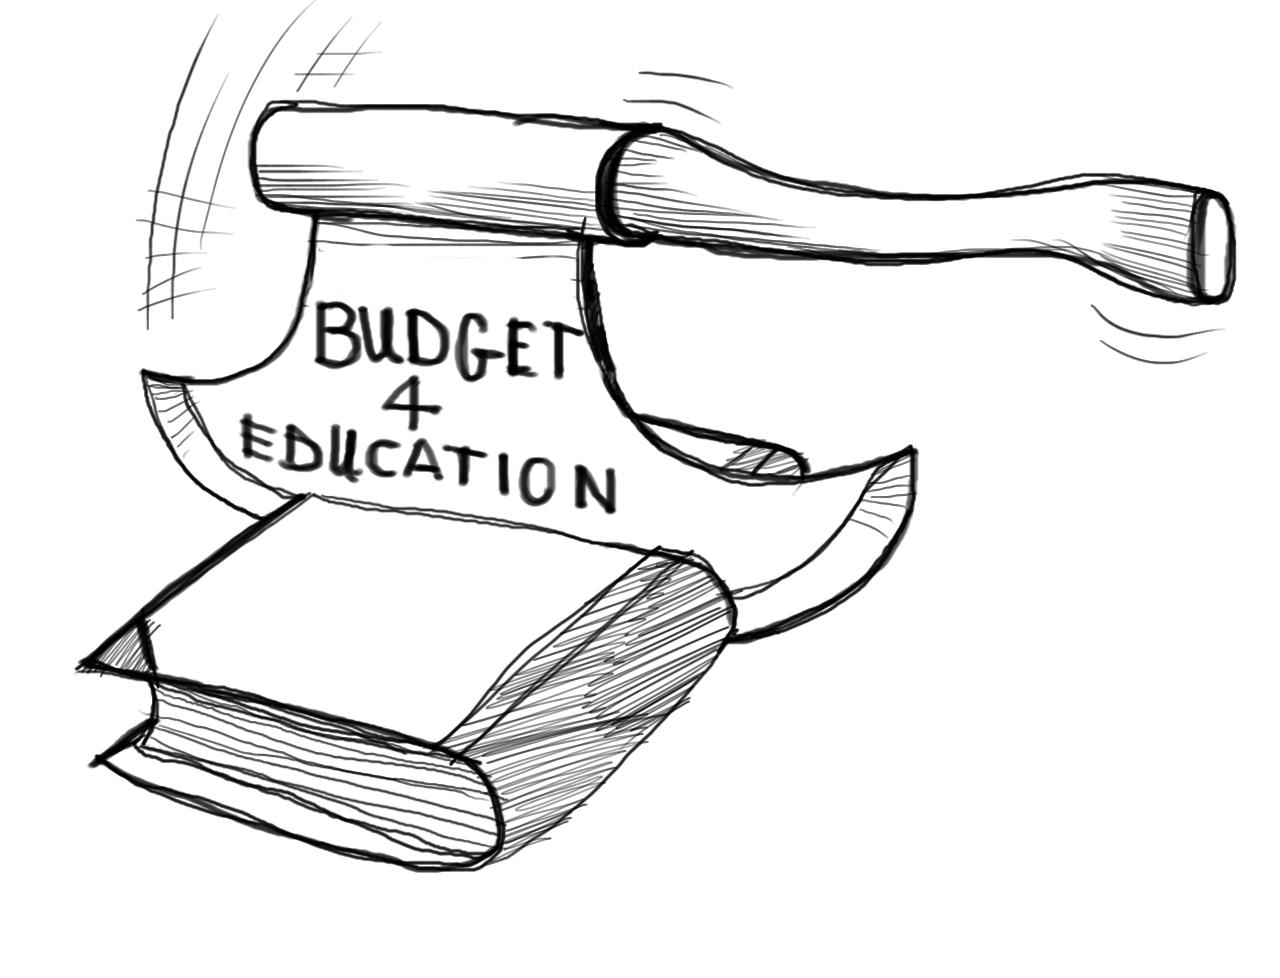 50pc education budget unused